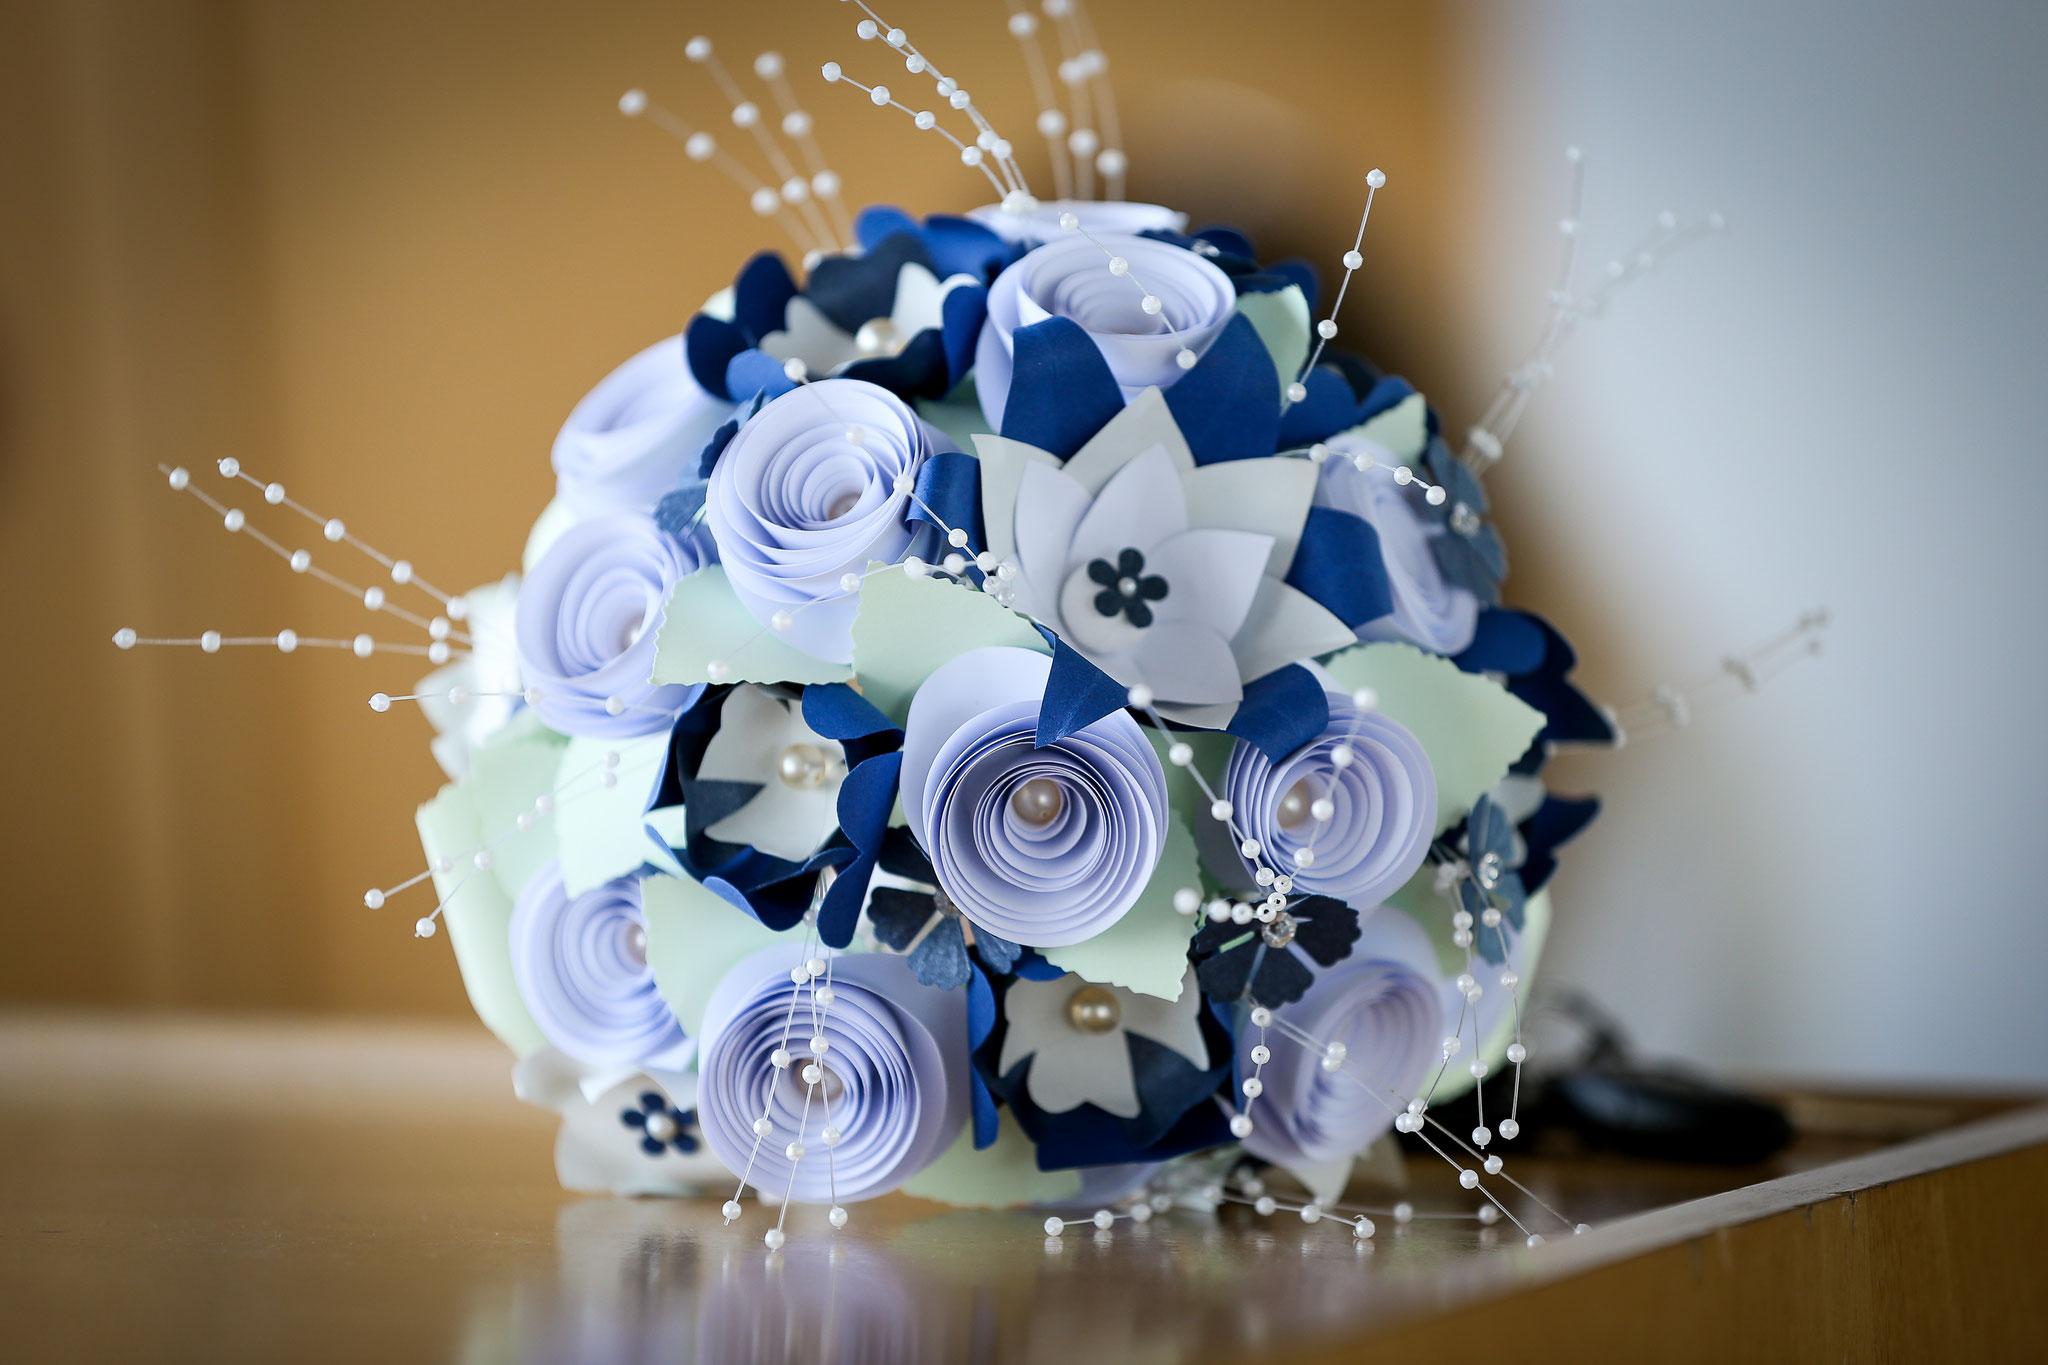 www.lovelyflowers.de - Dein Spezialist für exklusive Brautsträuße Deiner Farbwahl!